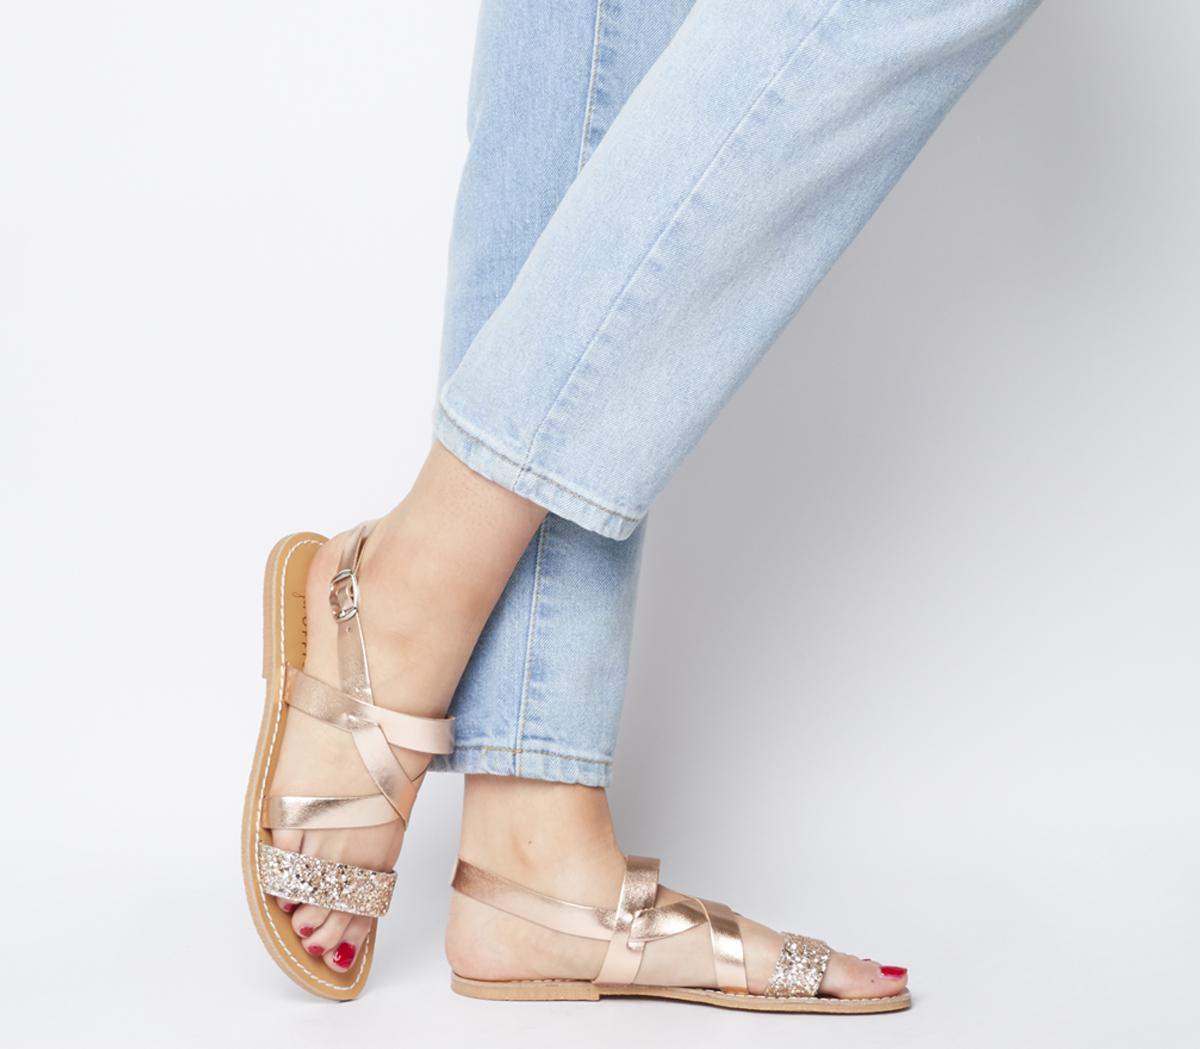 Solillas Strappy Sandals